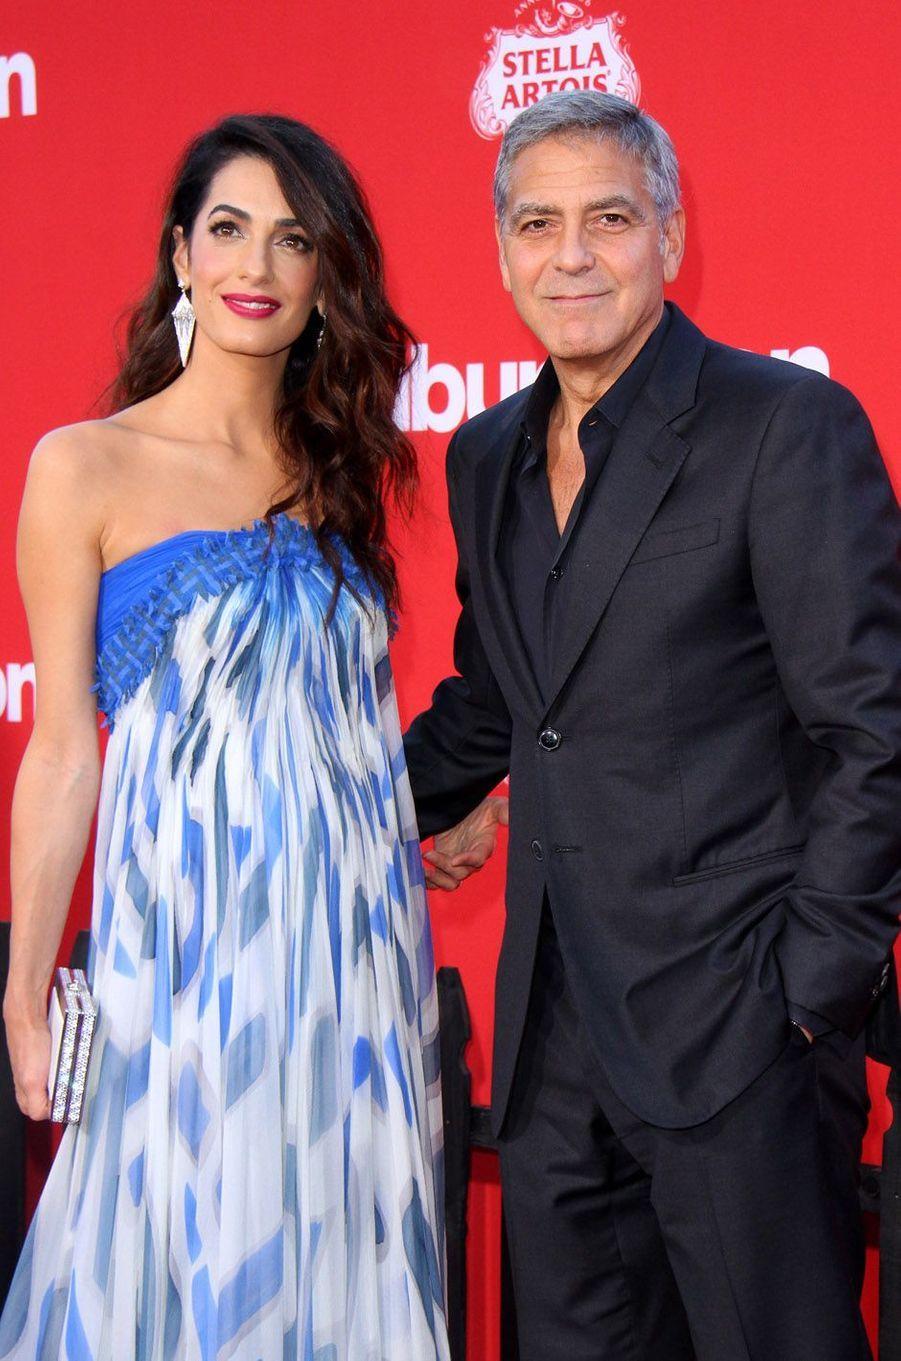 George et Amal Clooney ont accueilli les jumeaux Ella et Alexander en juin 2017.